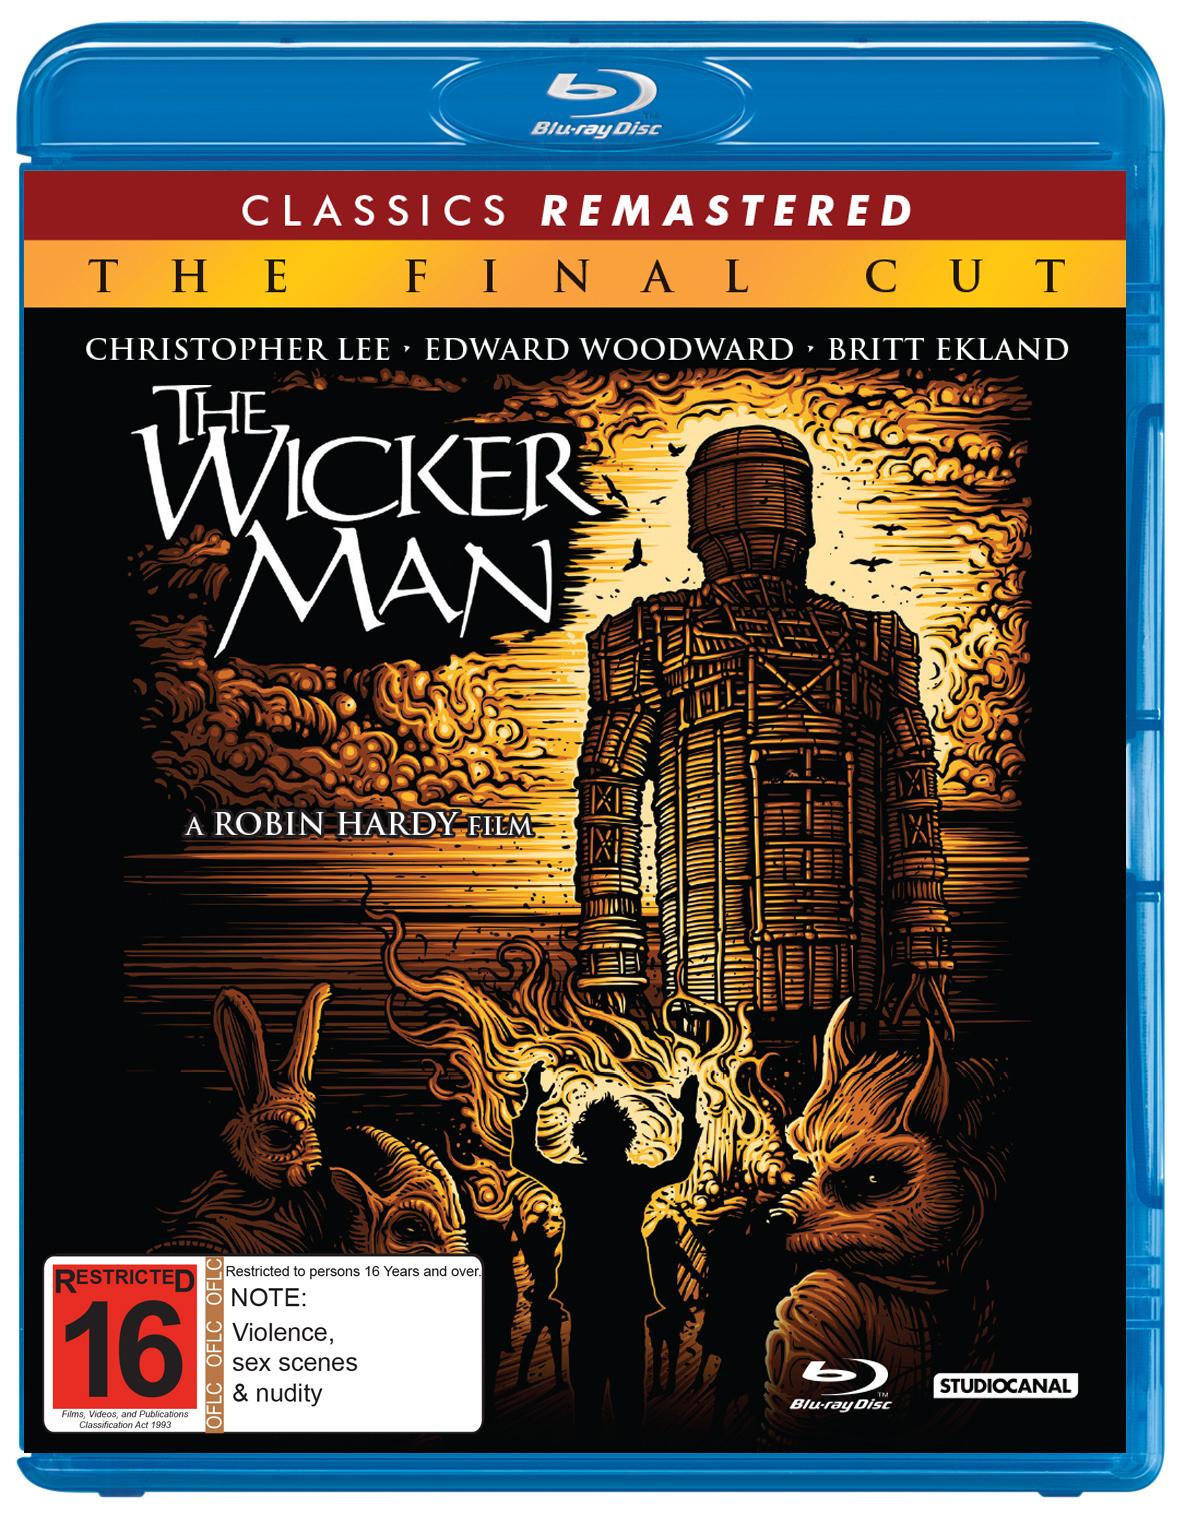 The Wicker Man: Final Cut (1973 Re-Release) image